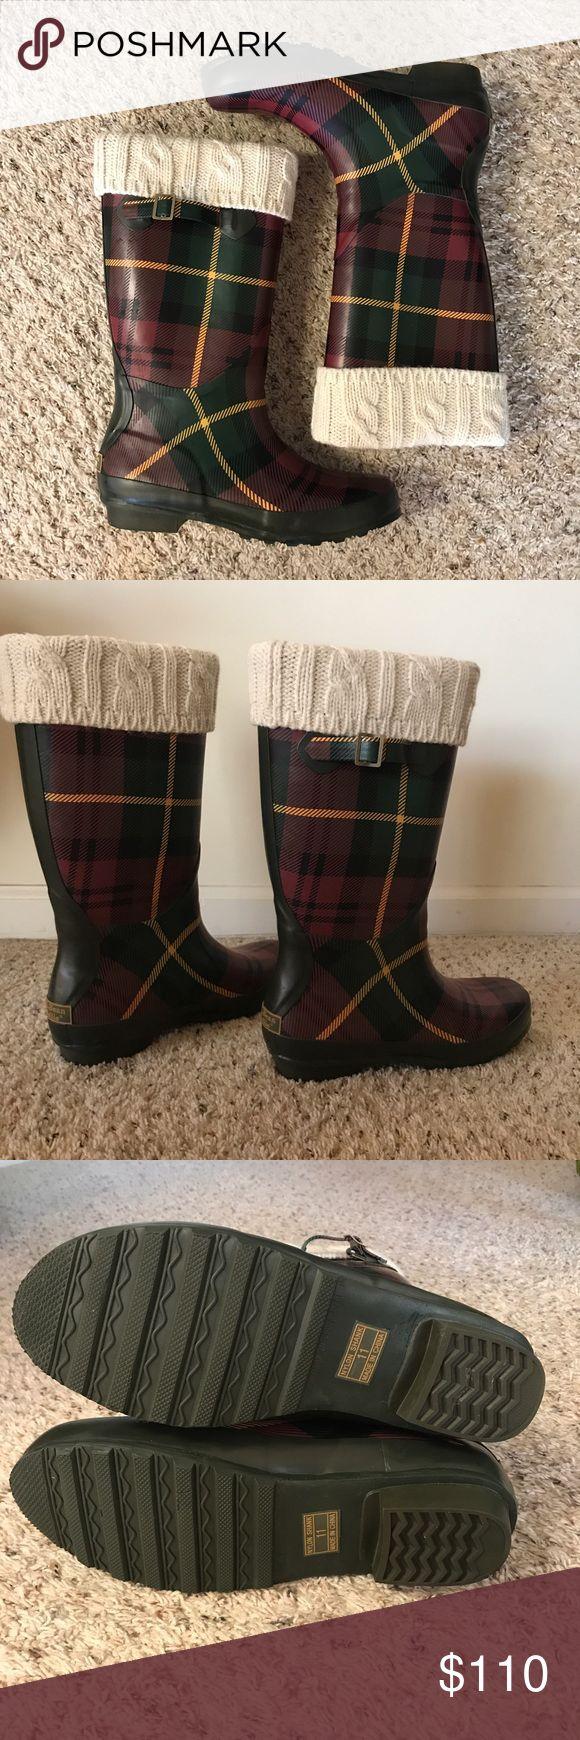 L.L.Bean Wellie rain boots L.L.Bean Wellie plaid rain boots with warmers size 11M in excellent condition L.L. Bean Shoes Winter & Rain Boots